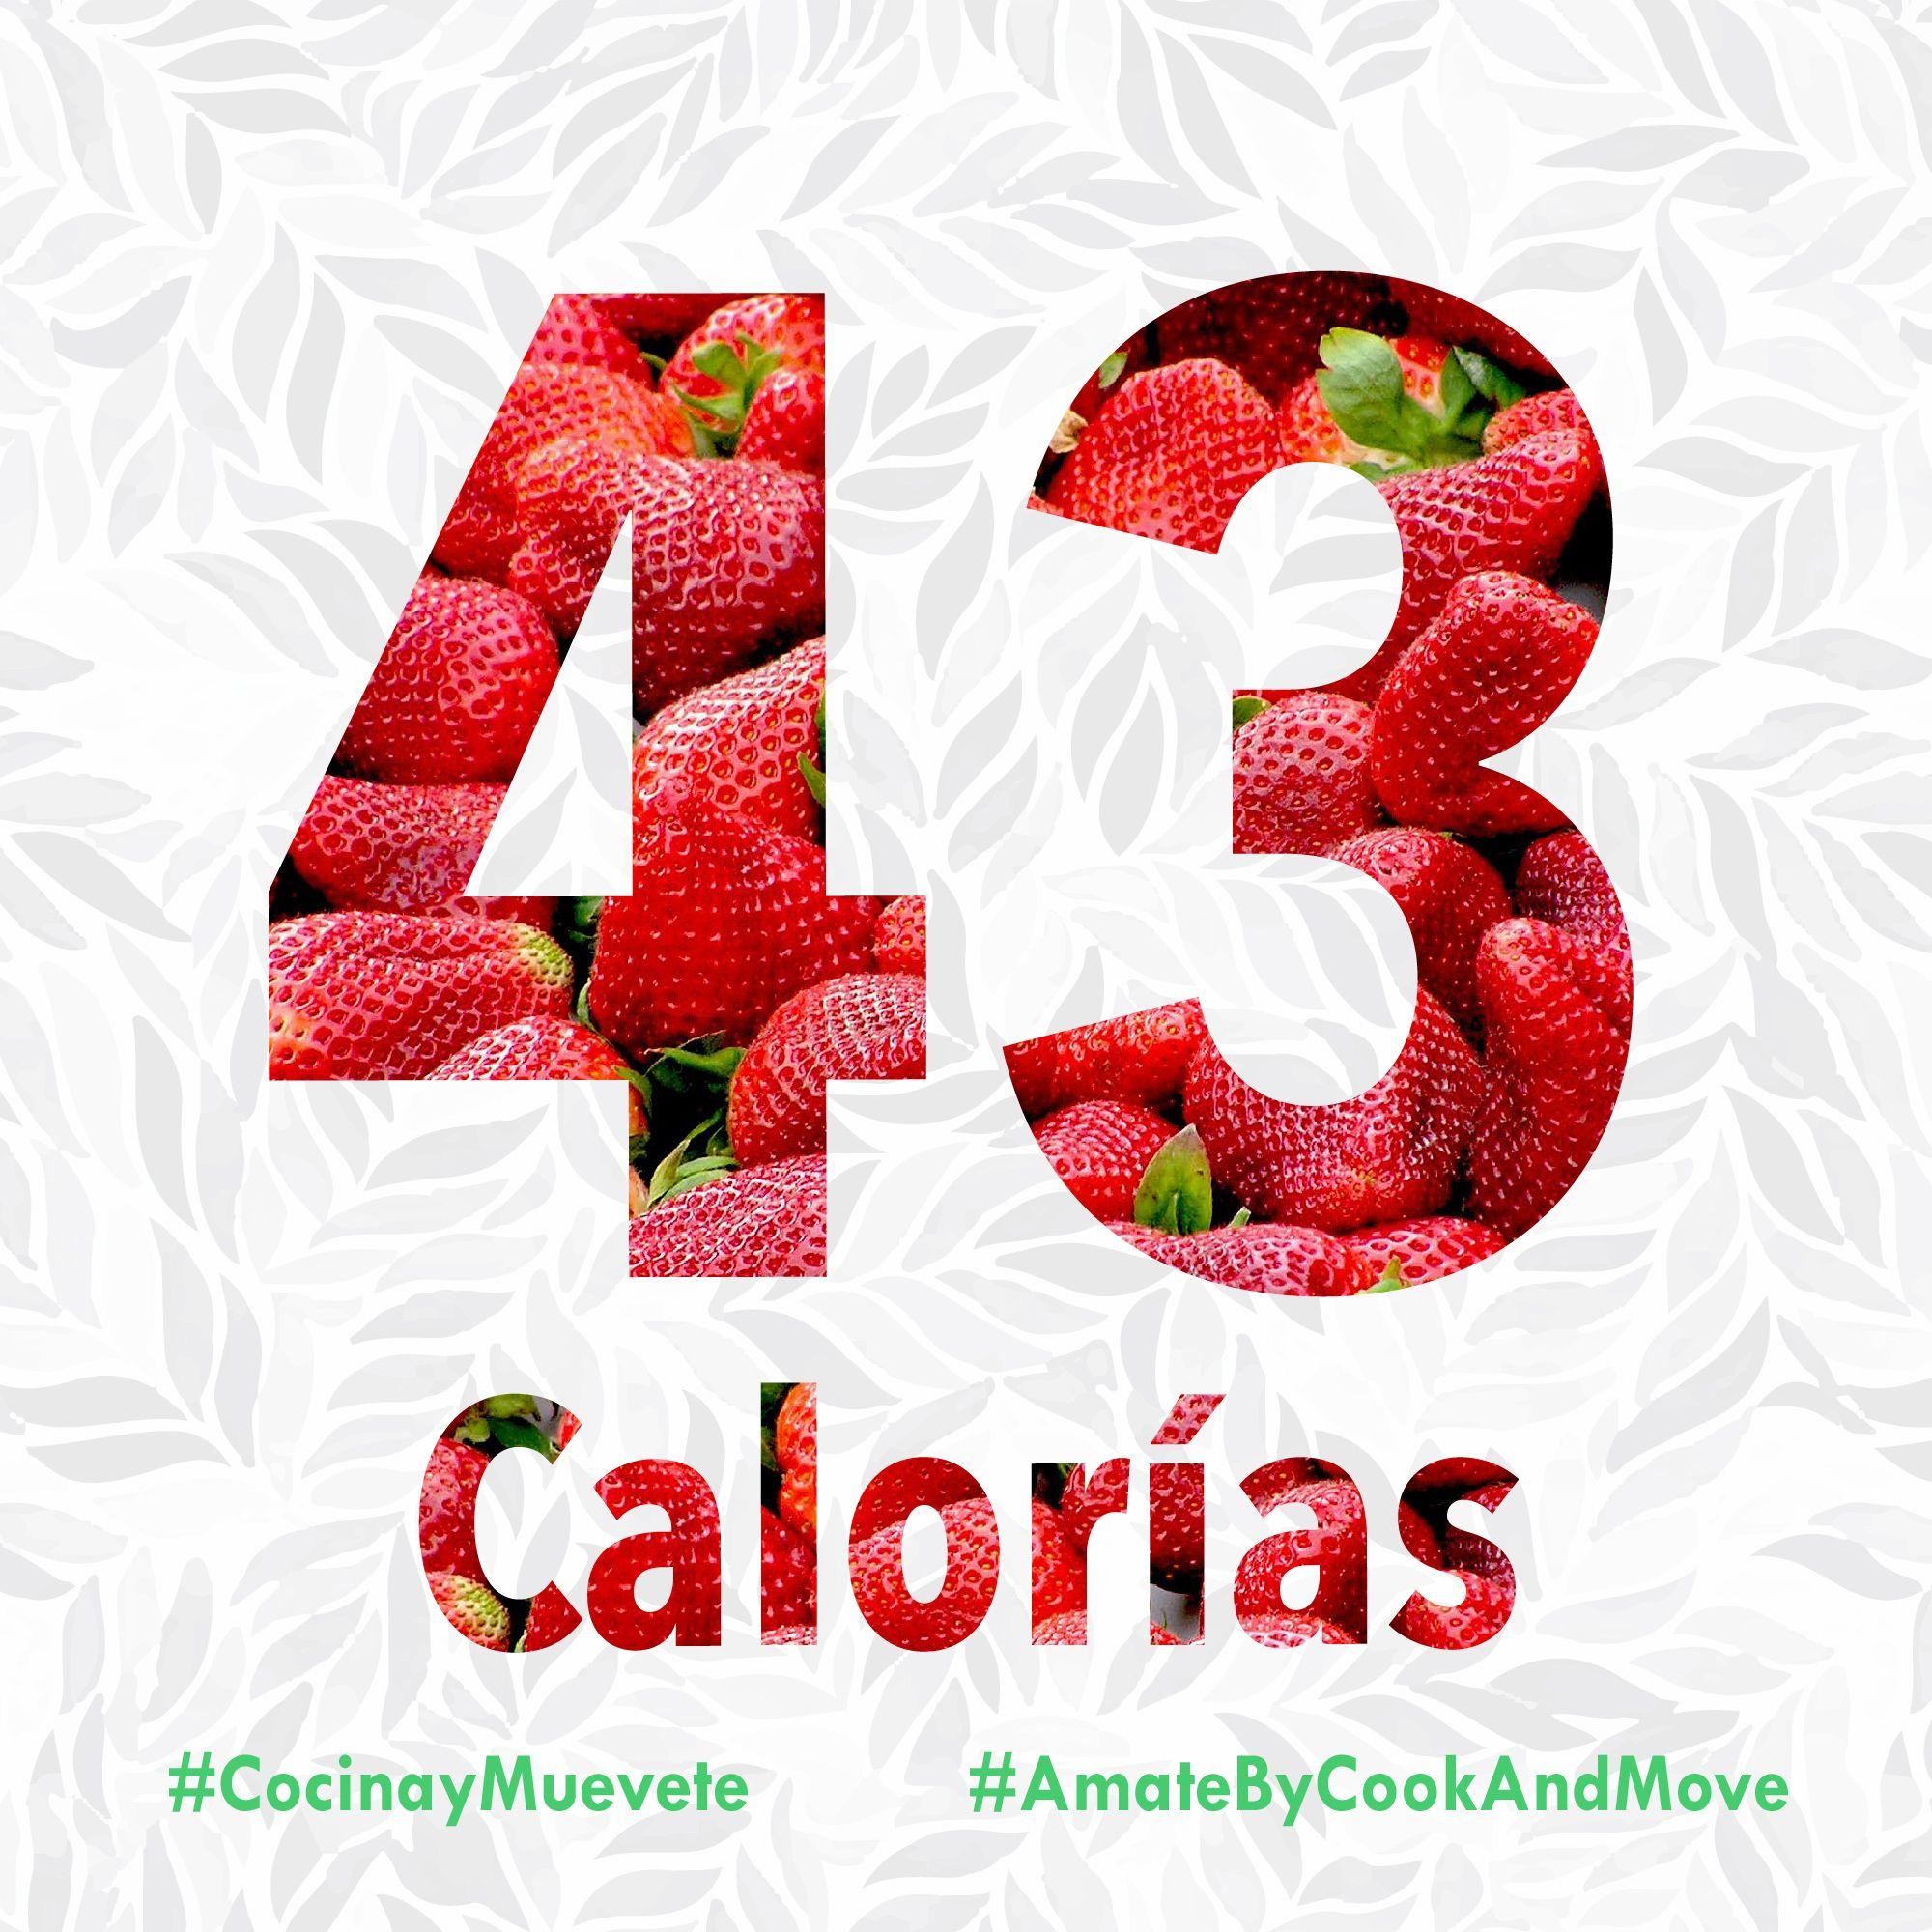 ¿Sabías que una taza de fresas tiene unas 43 calorías? Además, contienen fibra, que ayuda a regular los procesos digestivos y a reducir la sensación de hambrem, por eso es una de nuestras frutas favoritas en nuestros batidos!!  #CookandMove #JuntasPodemos